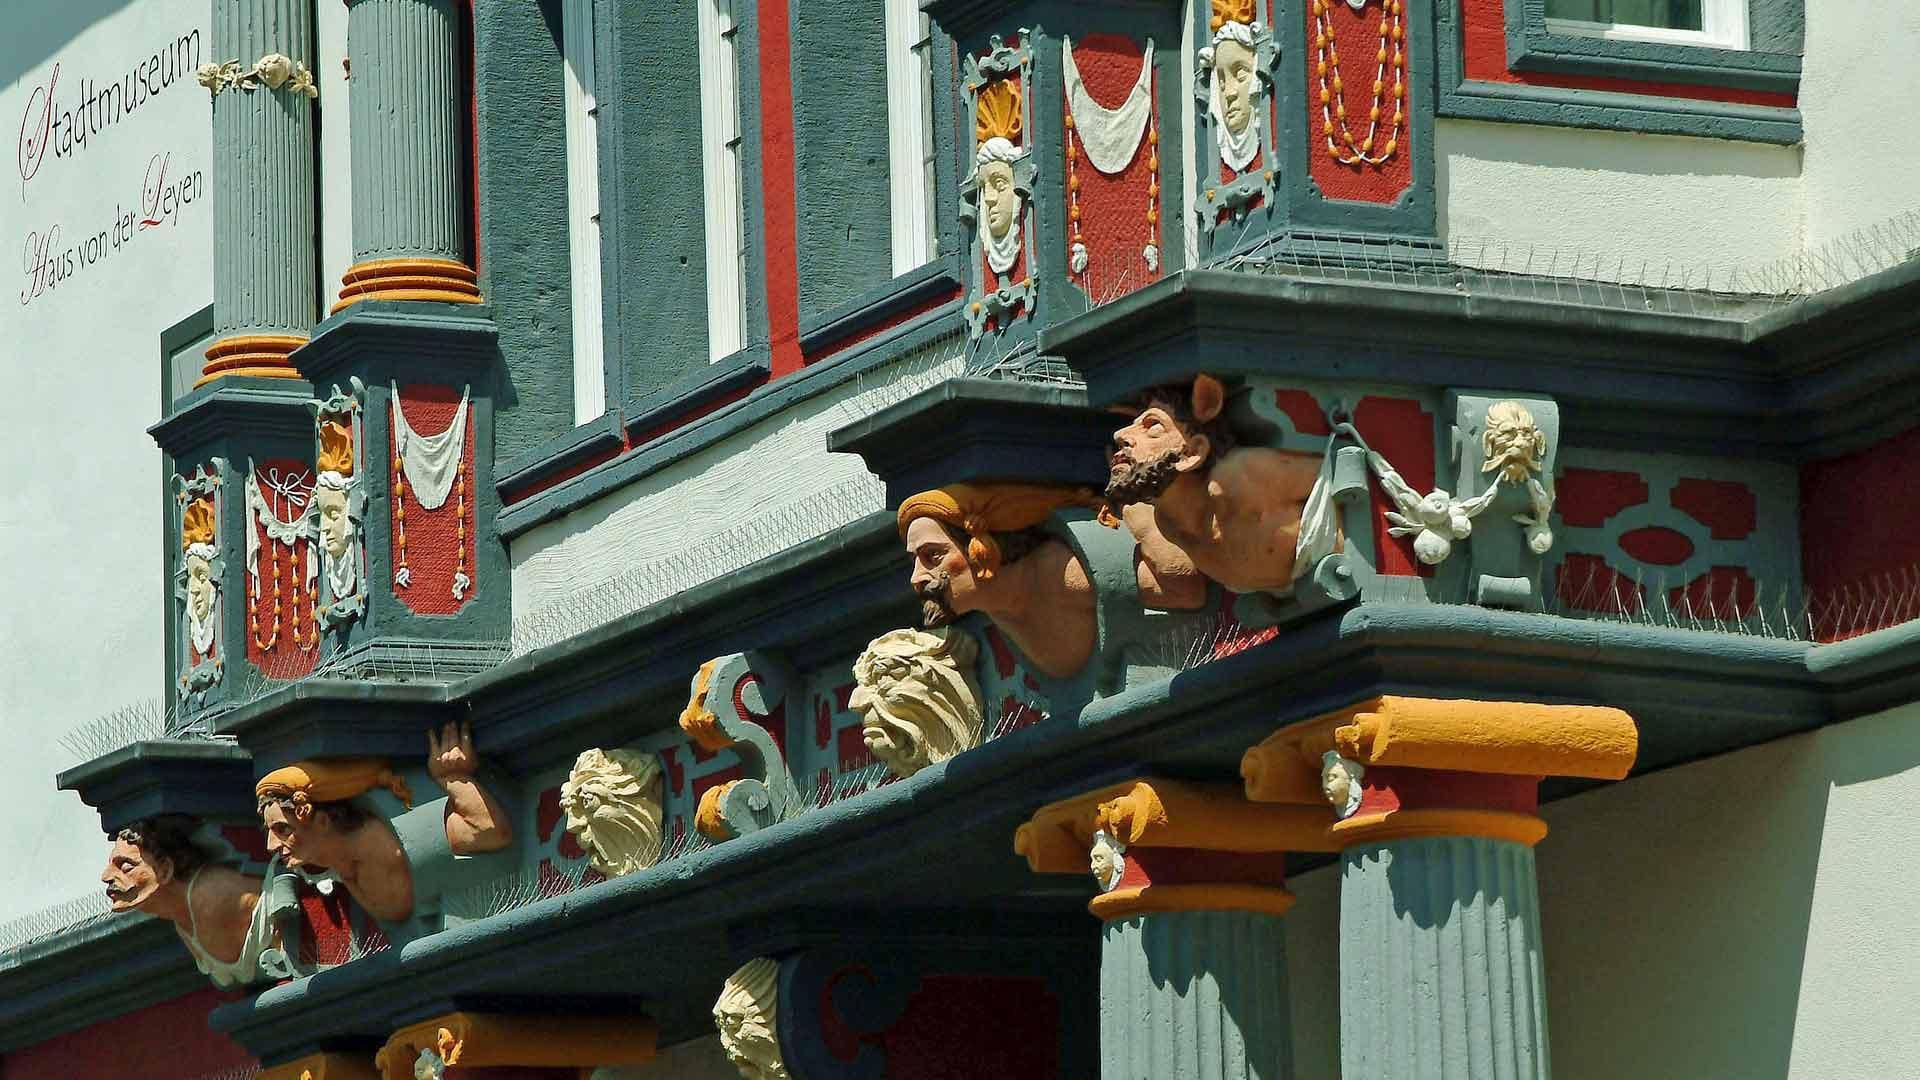 De prachtige gevel van het stadsmuseum in Andernach.